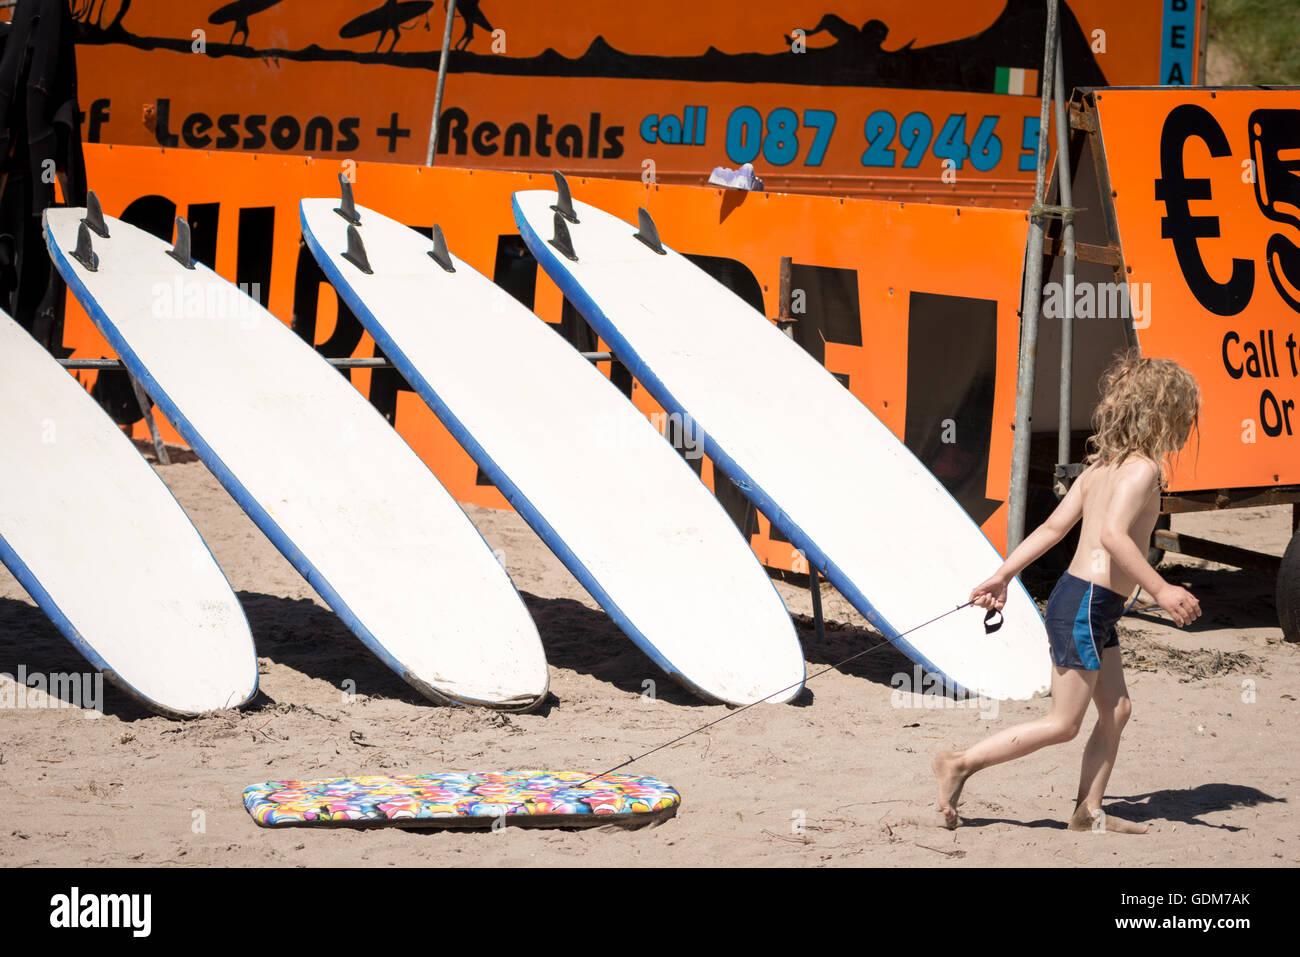 heatwave-ireland-beach-and-children-at-the-beach-on-hot-summer-day-GDM7AK.jpg